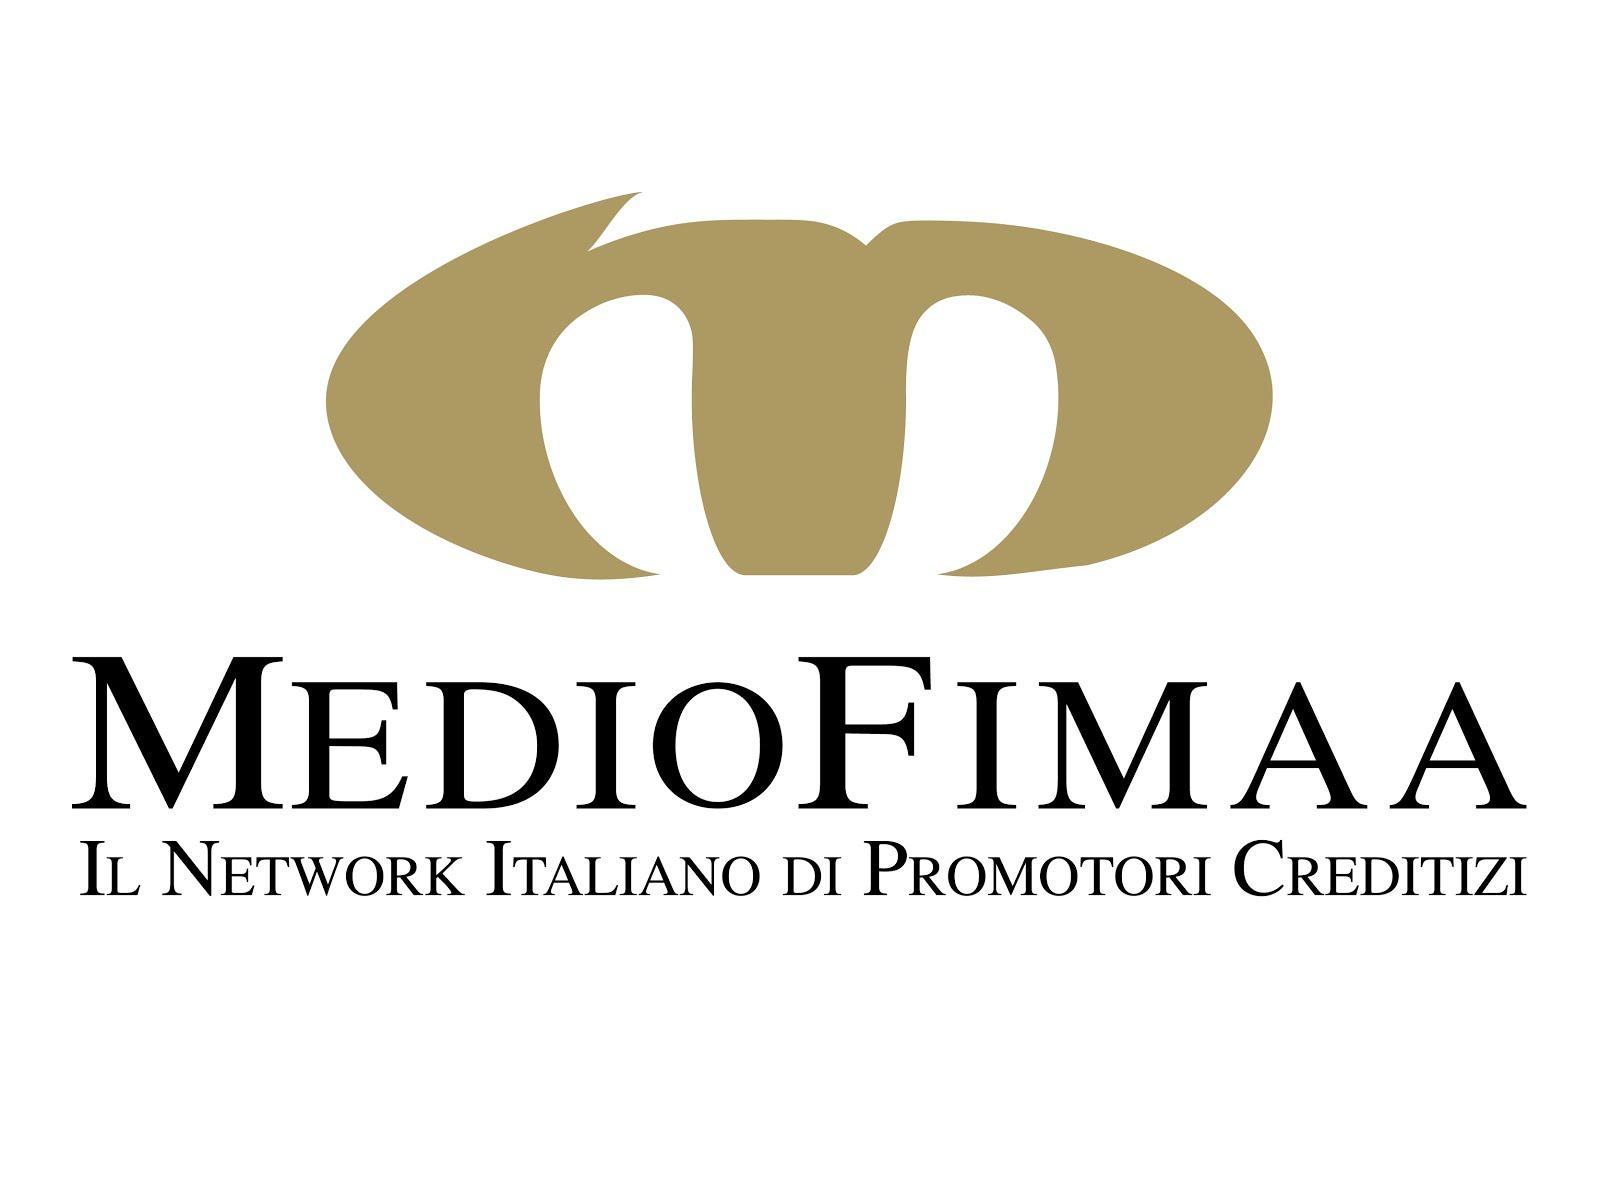 Network di Promotori Creditizi